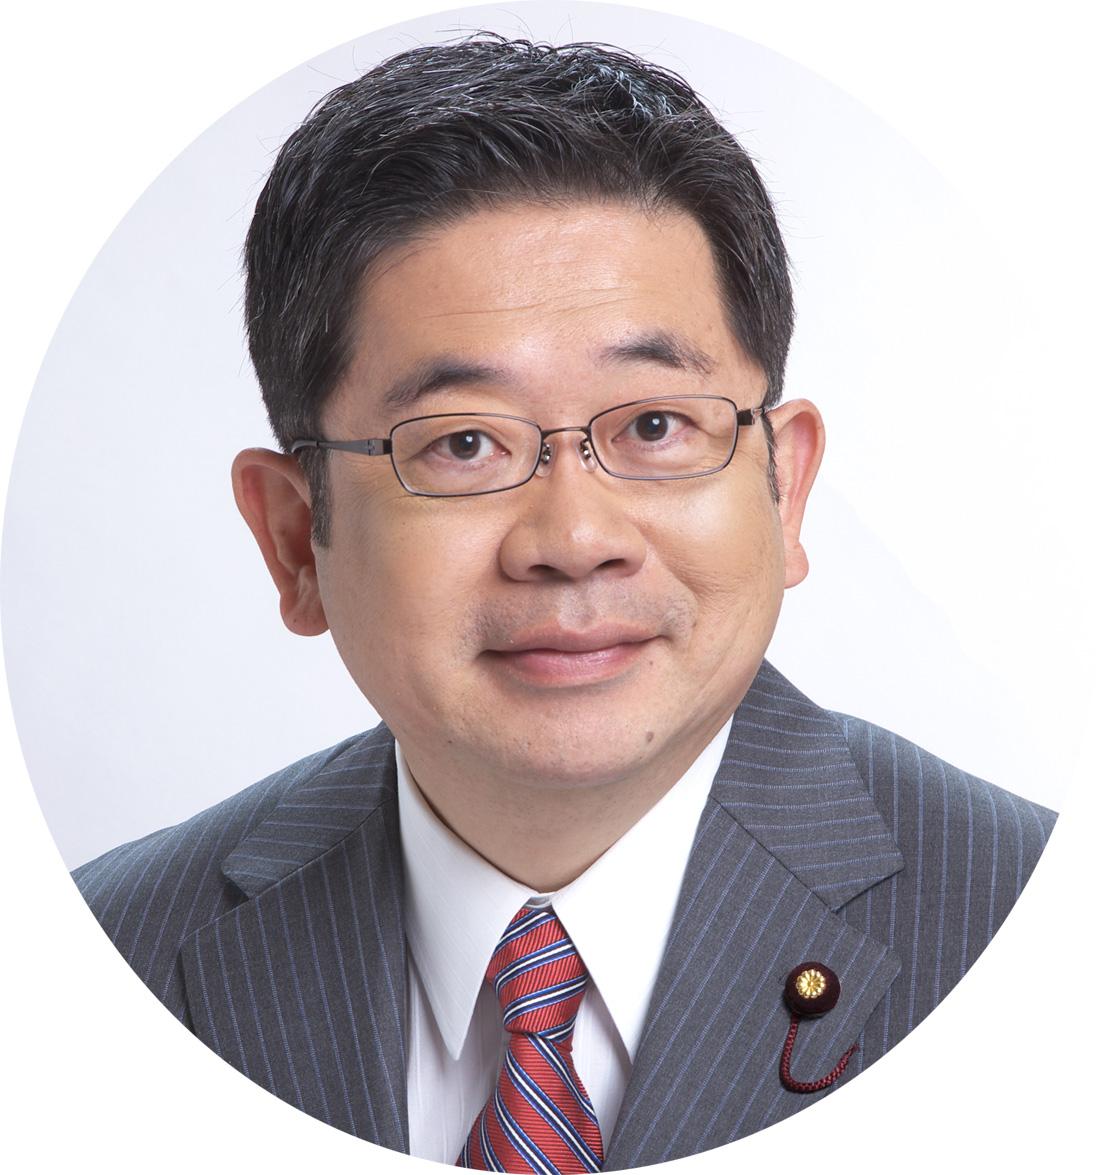 小池晃副委員長・参院議員